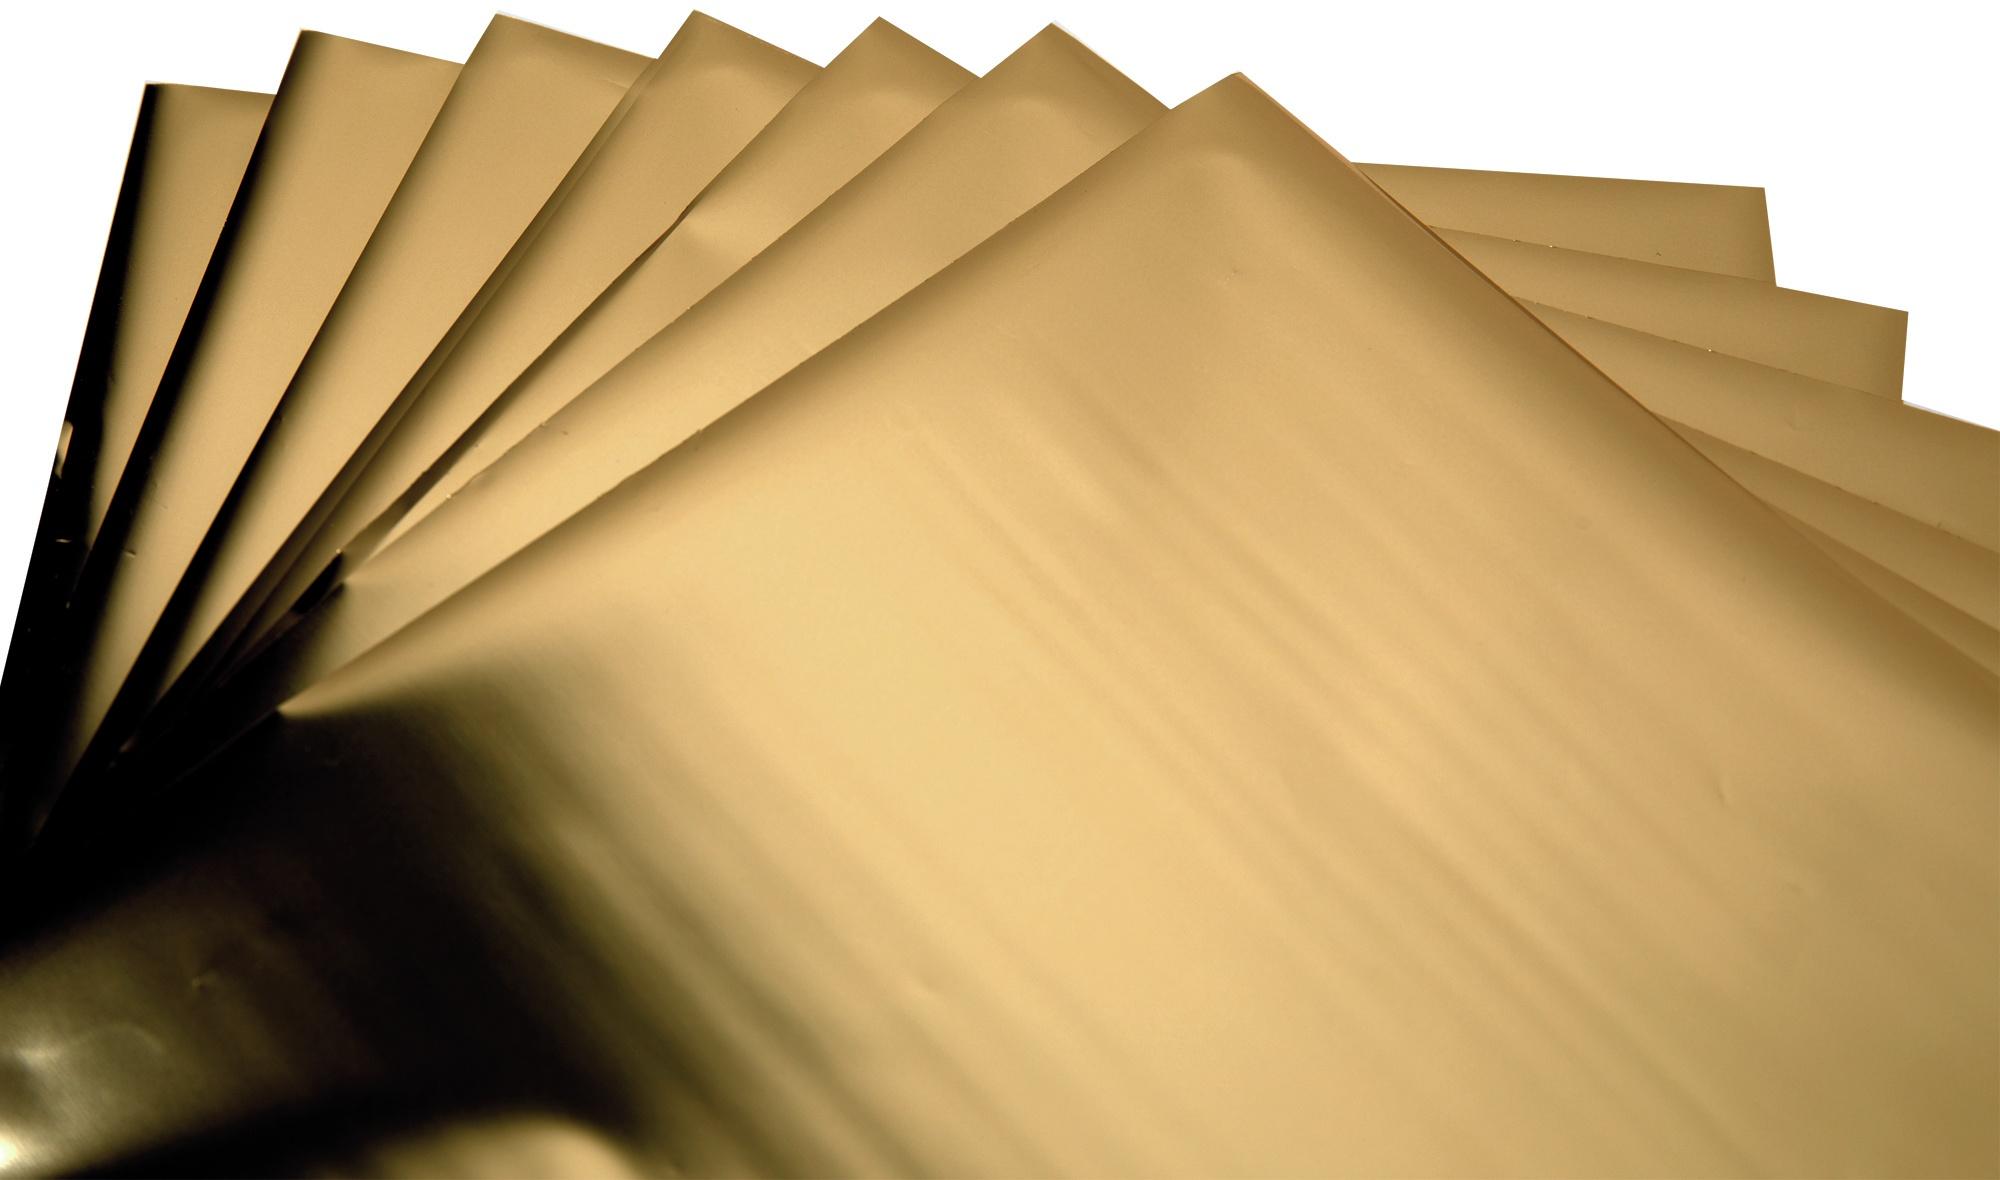 Sizzix Effectz Decorative Foil Sheets 6X6 8/Pkg-Gold